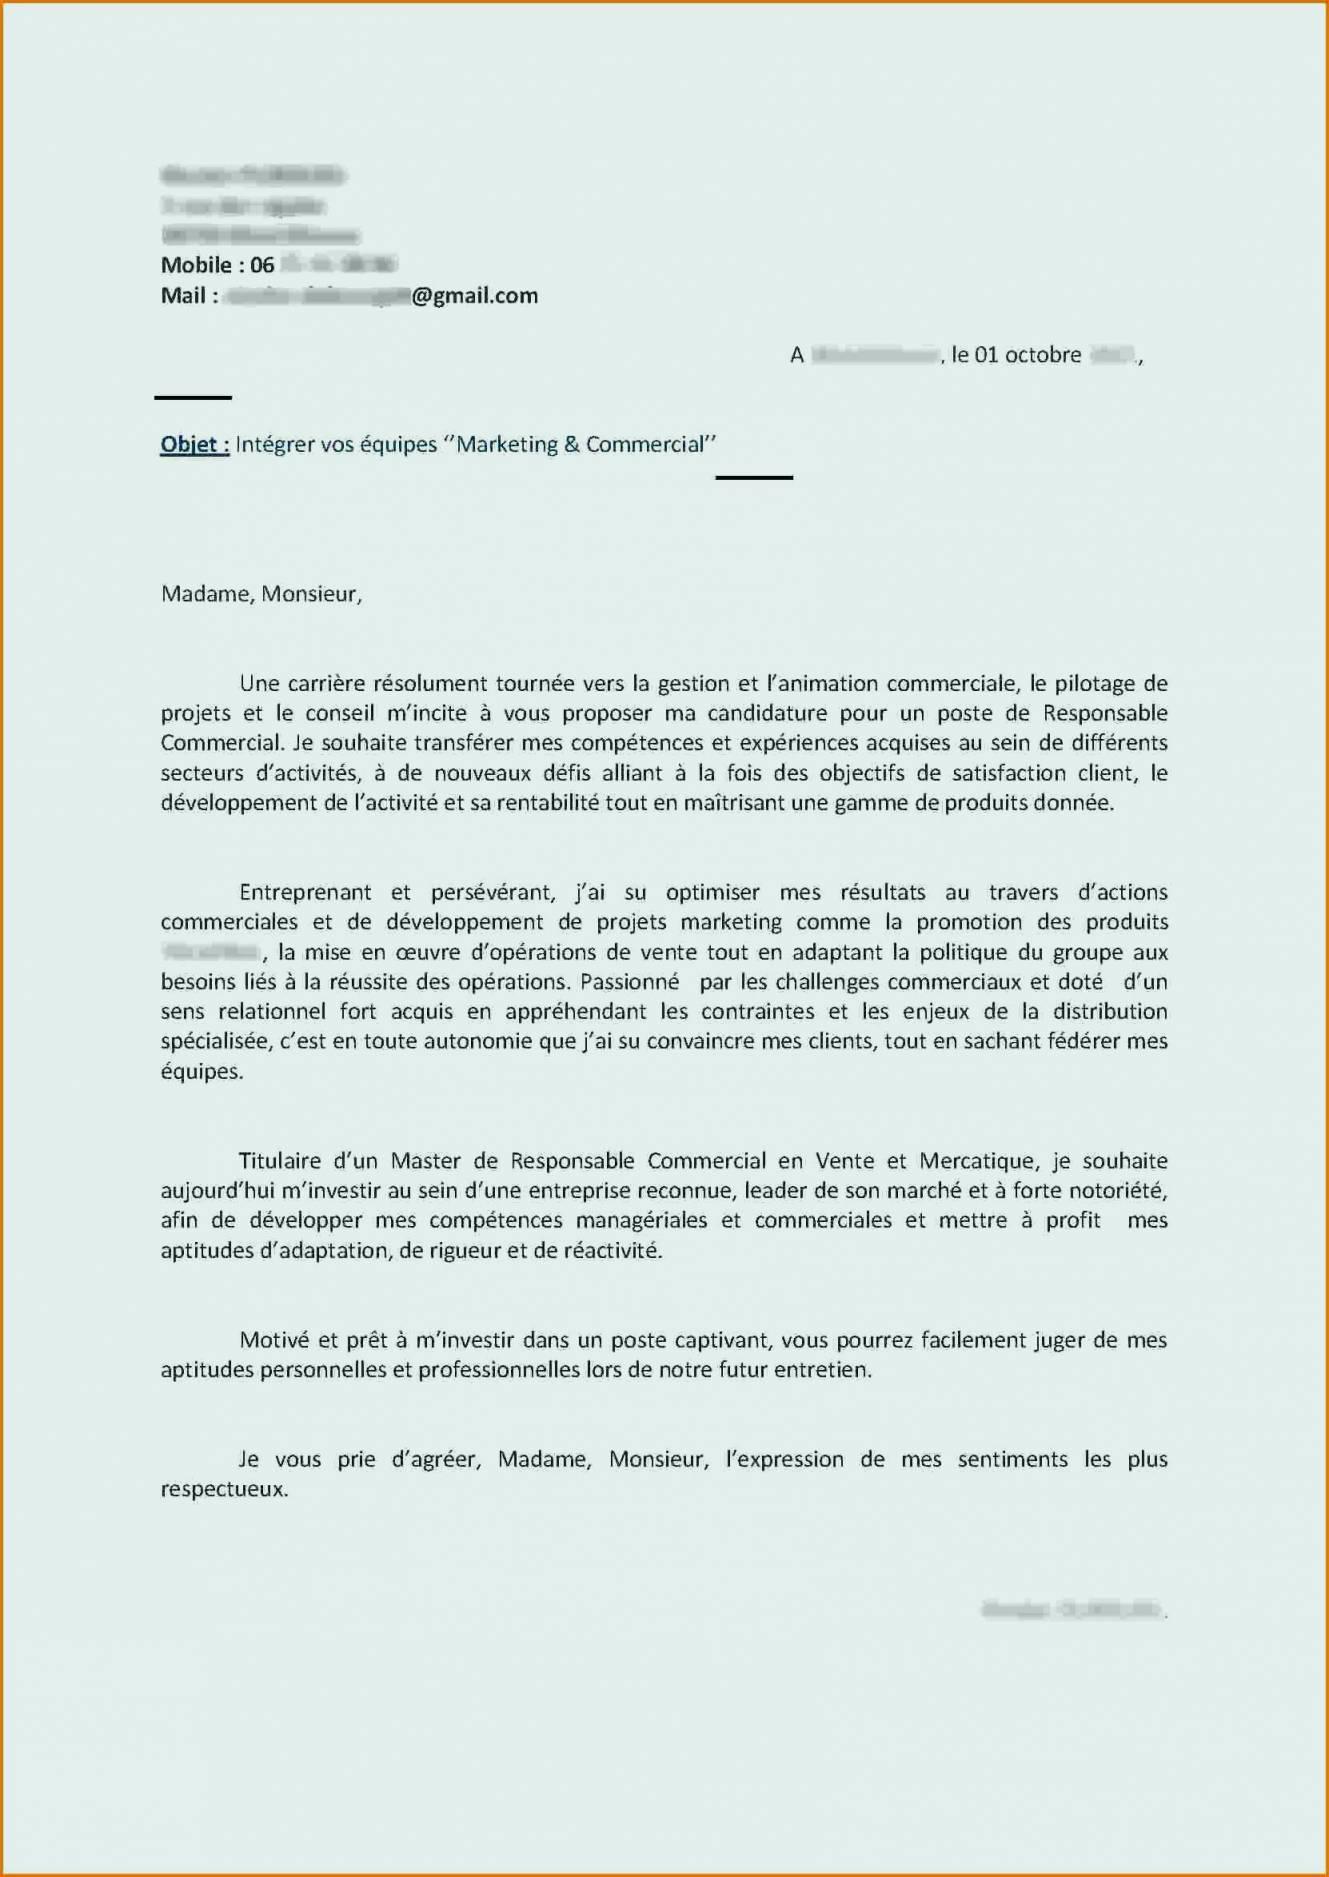 lettre de motivation ouvrier polyvalent